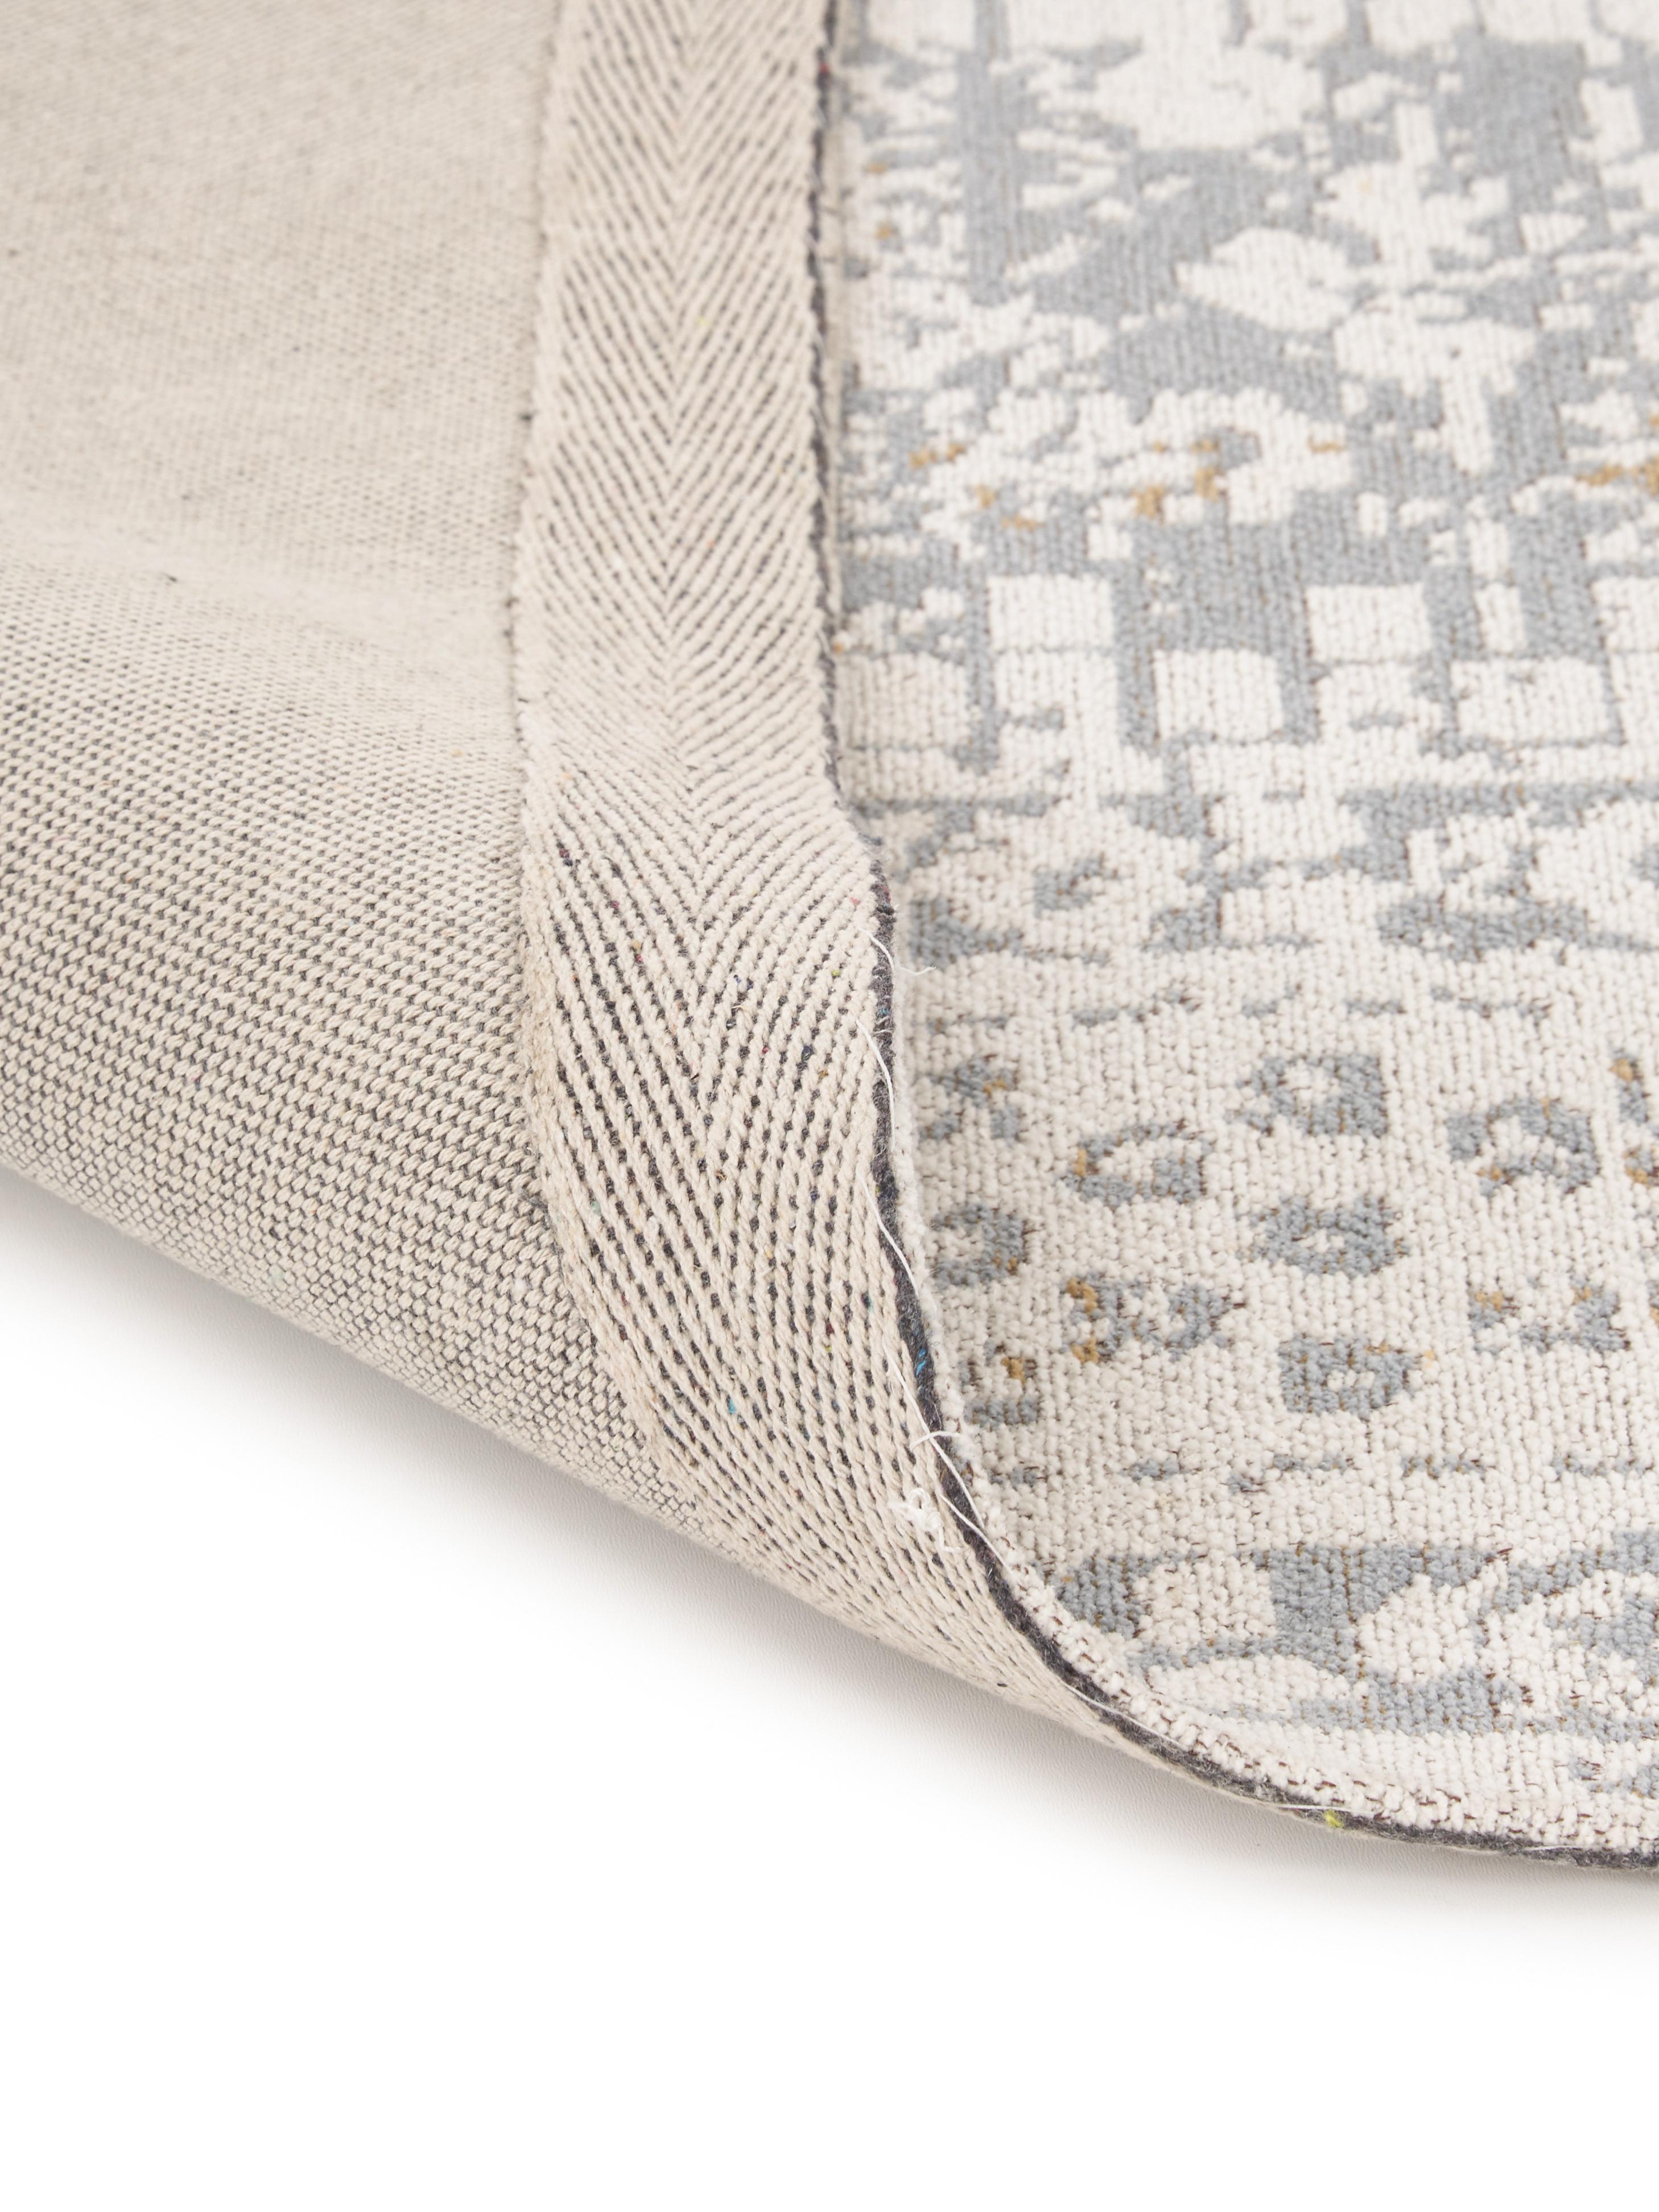 Handgewebter Chenilleteppich Neapel im Vintage Style, Flor: 95% Baumwolle, 5% Polyest, Hellgrau, Creme, Taupe, B 200 x L 300 cm (Größe L)